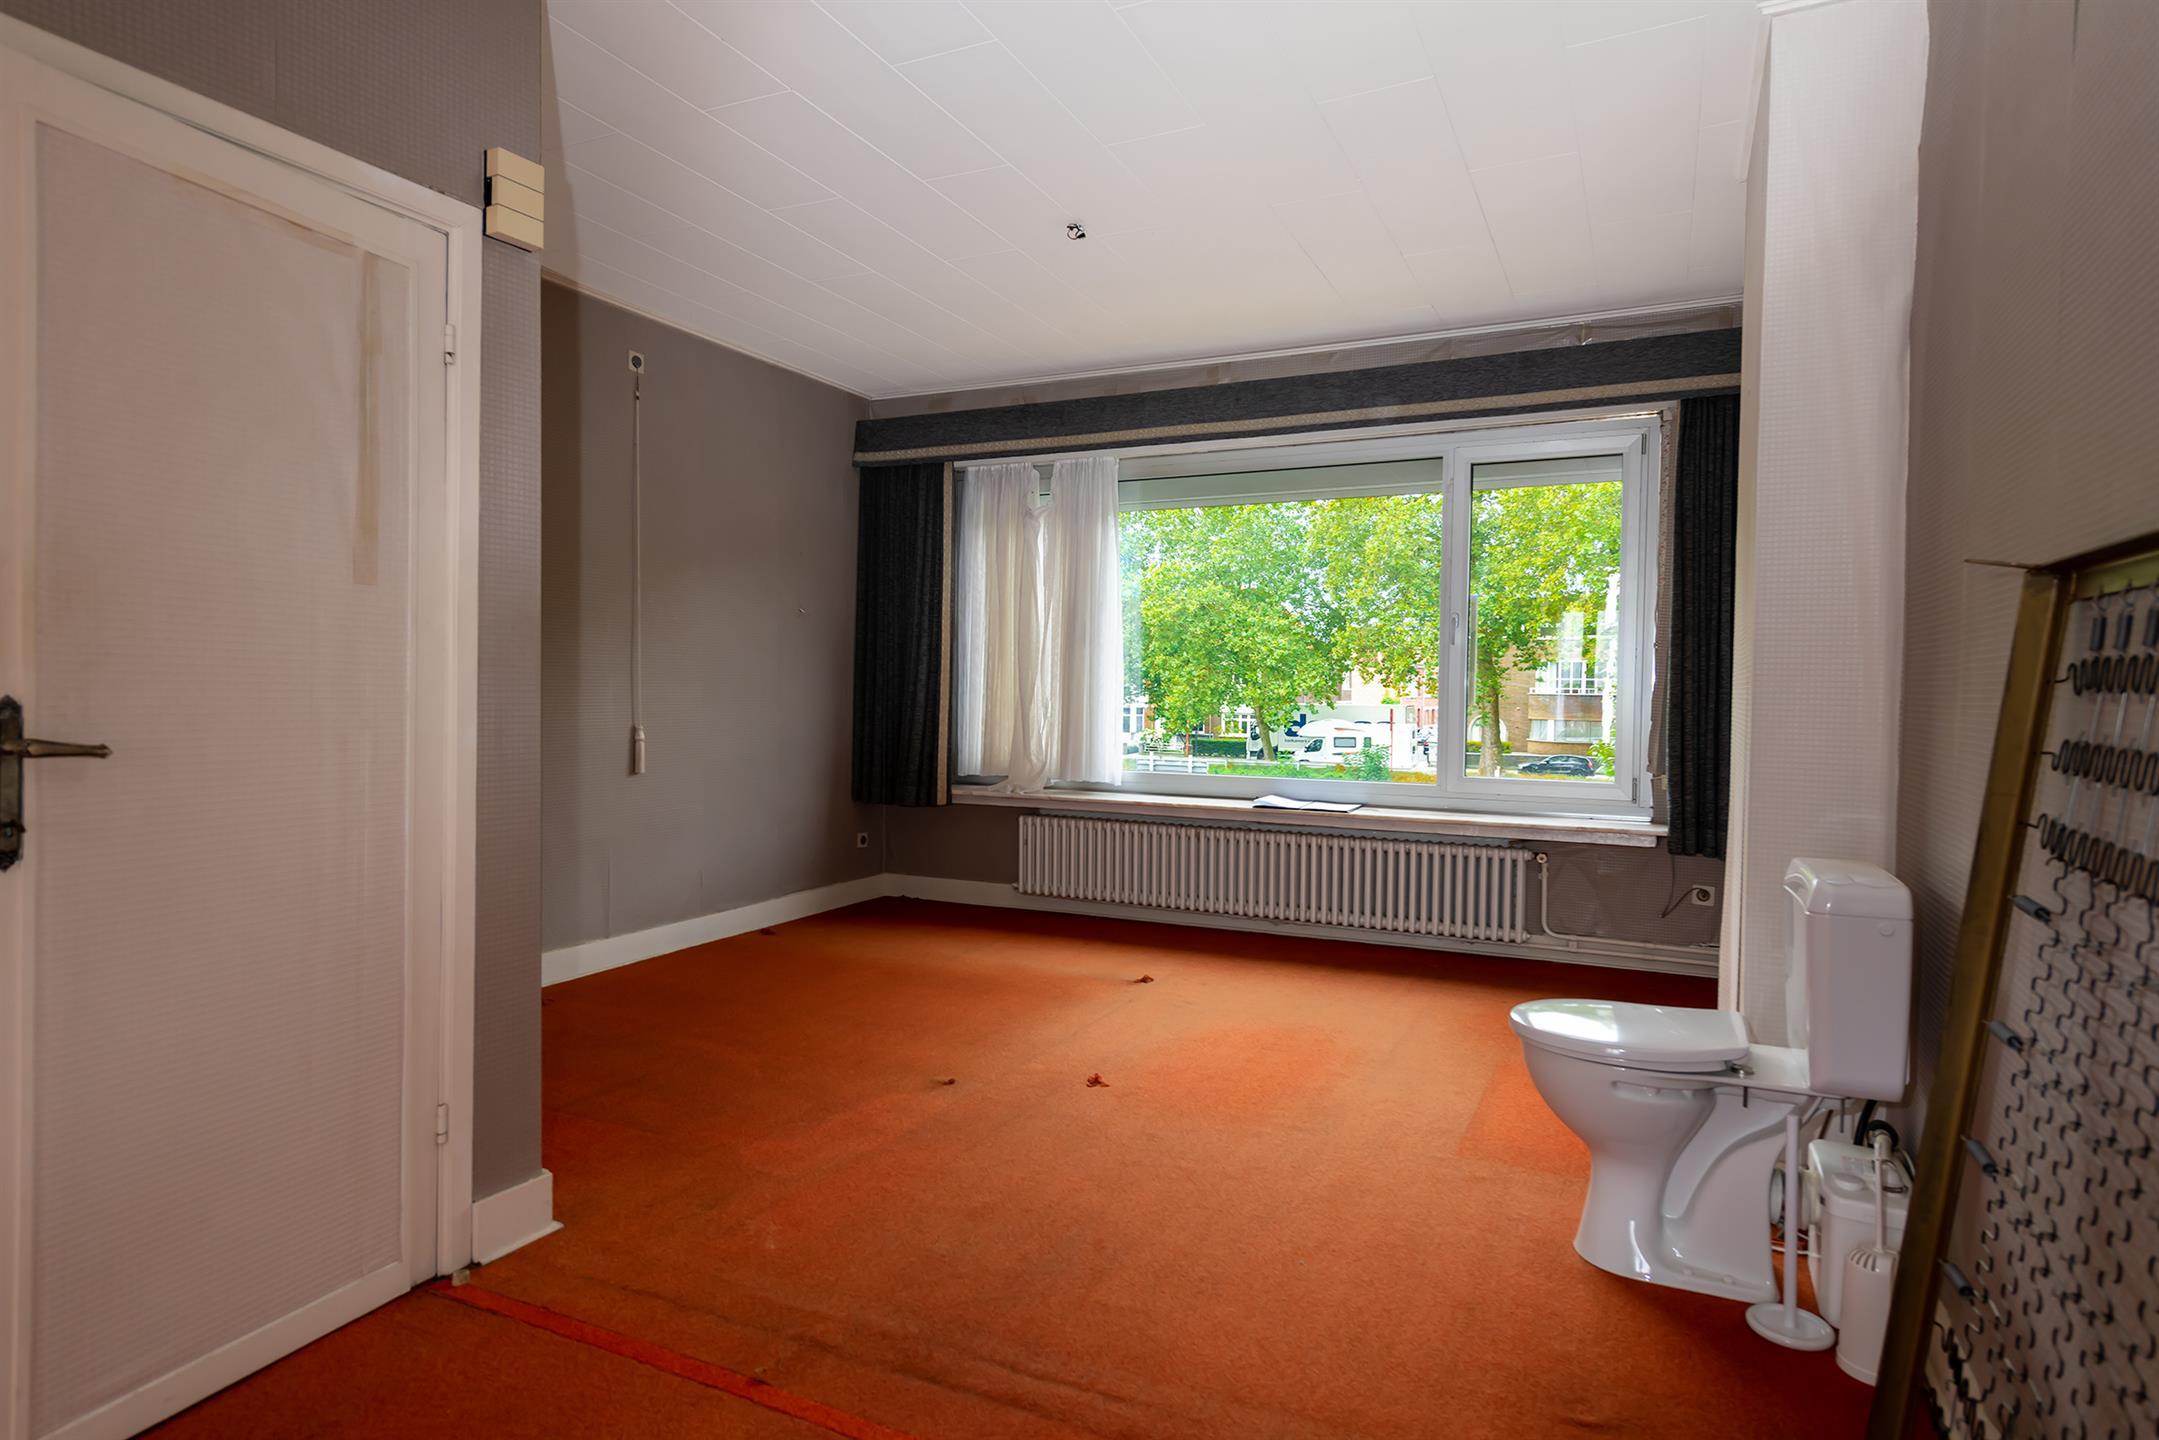 Maison - Mechelen - #4346897-11